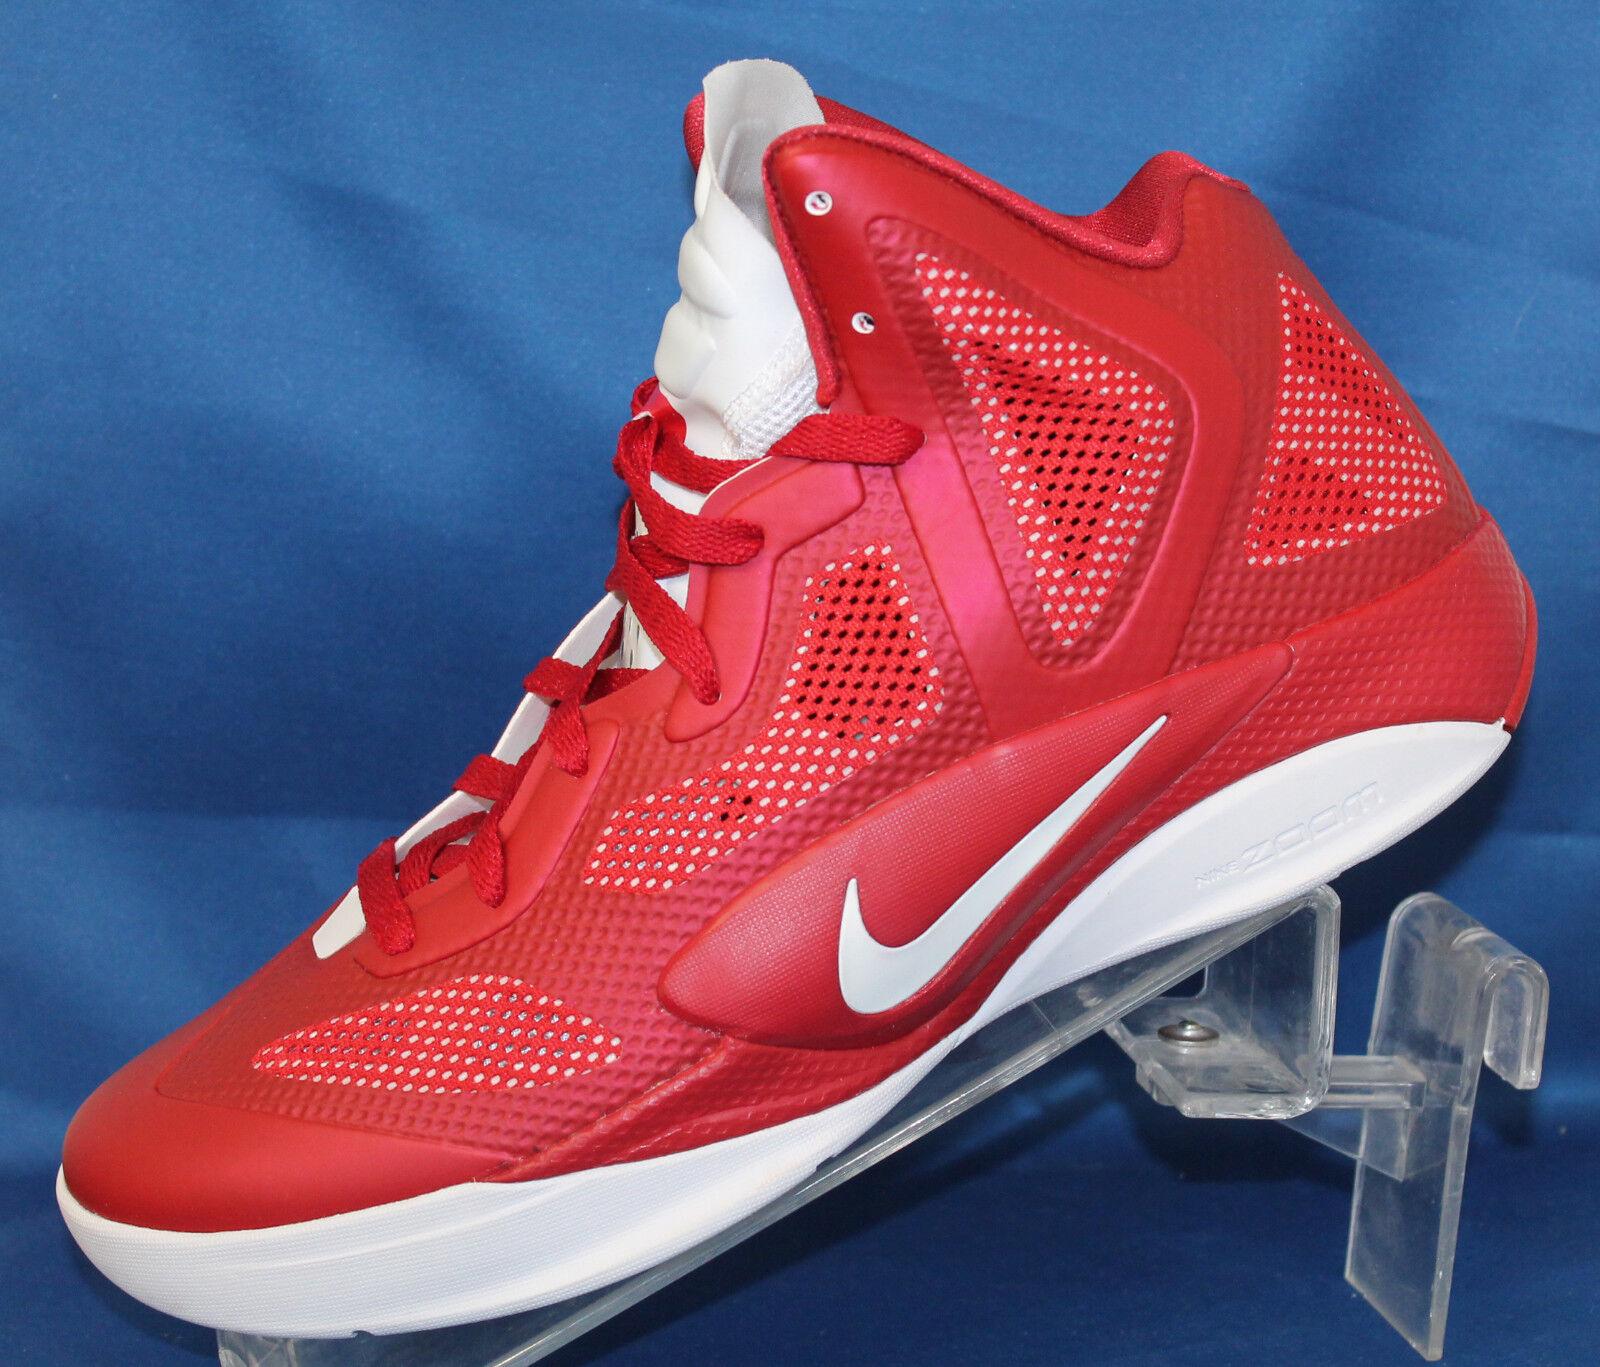 Uomo Shoe Nike Zoom Hyperfuse 2011 TB Basketball Shoe Uomo  - 454146-600 39adff